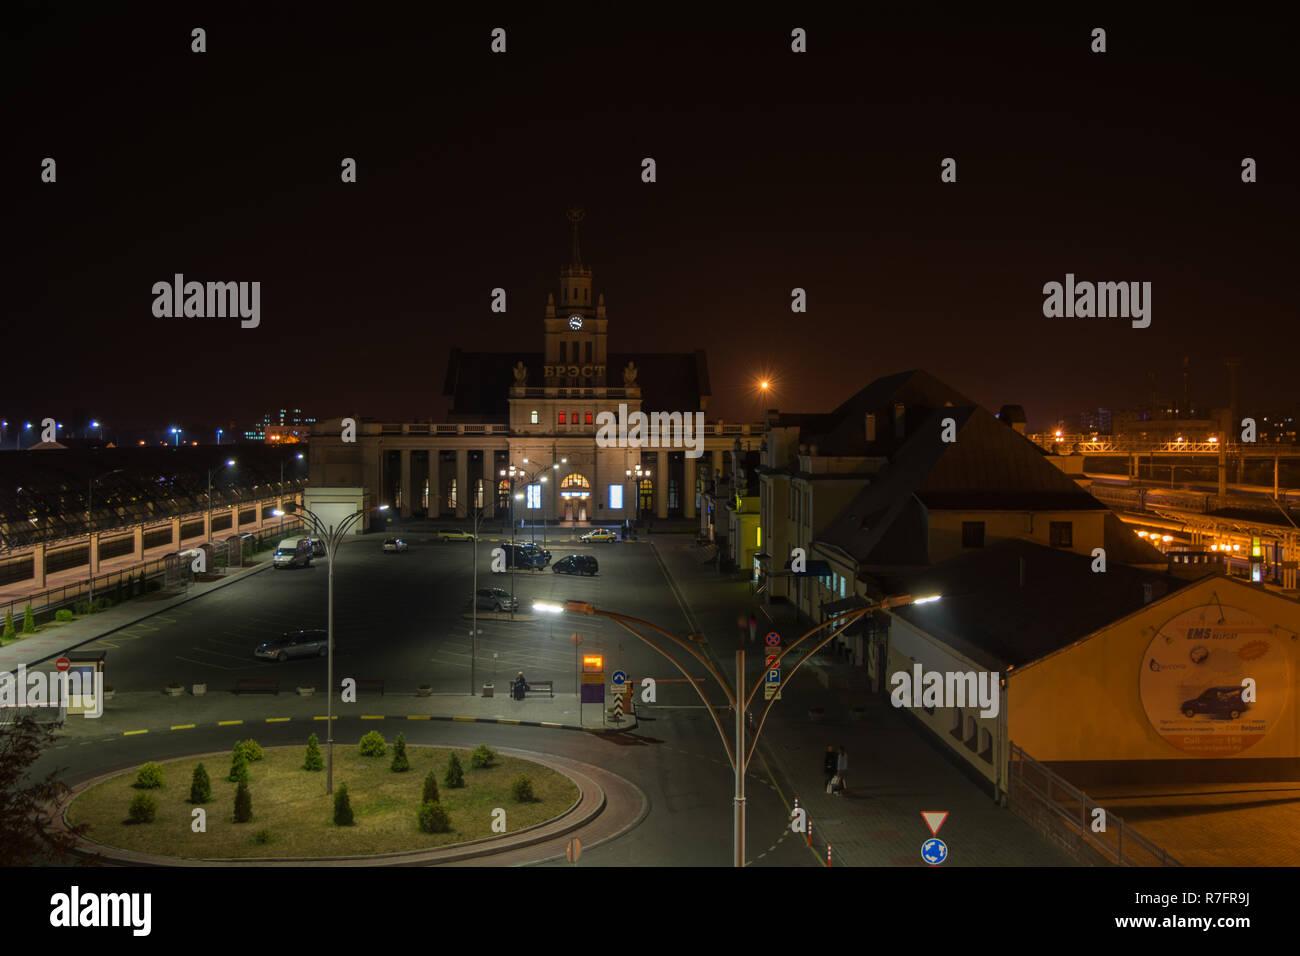 BREST, BELARUS - SEPTEMBER 5, 2015: Brest Centralny Railway Station at night - Stock Image